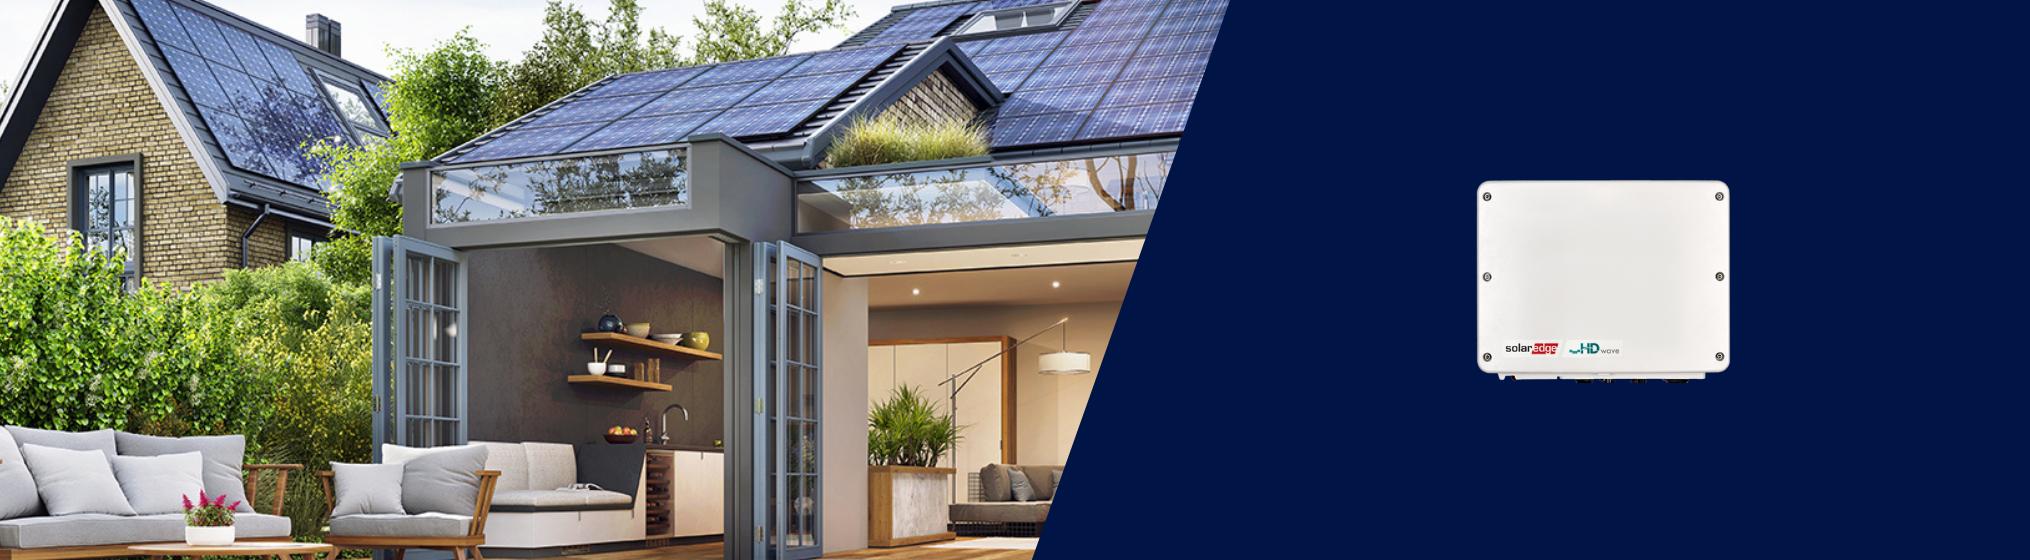 http://ottimizzatori-solaredge-fotovoltaico